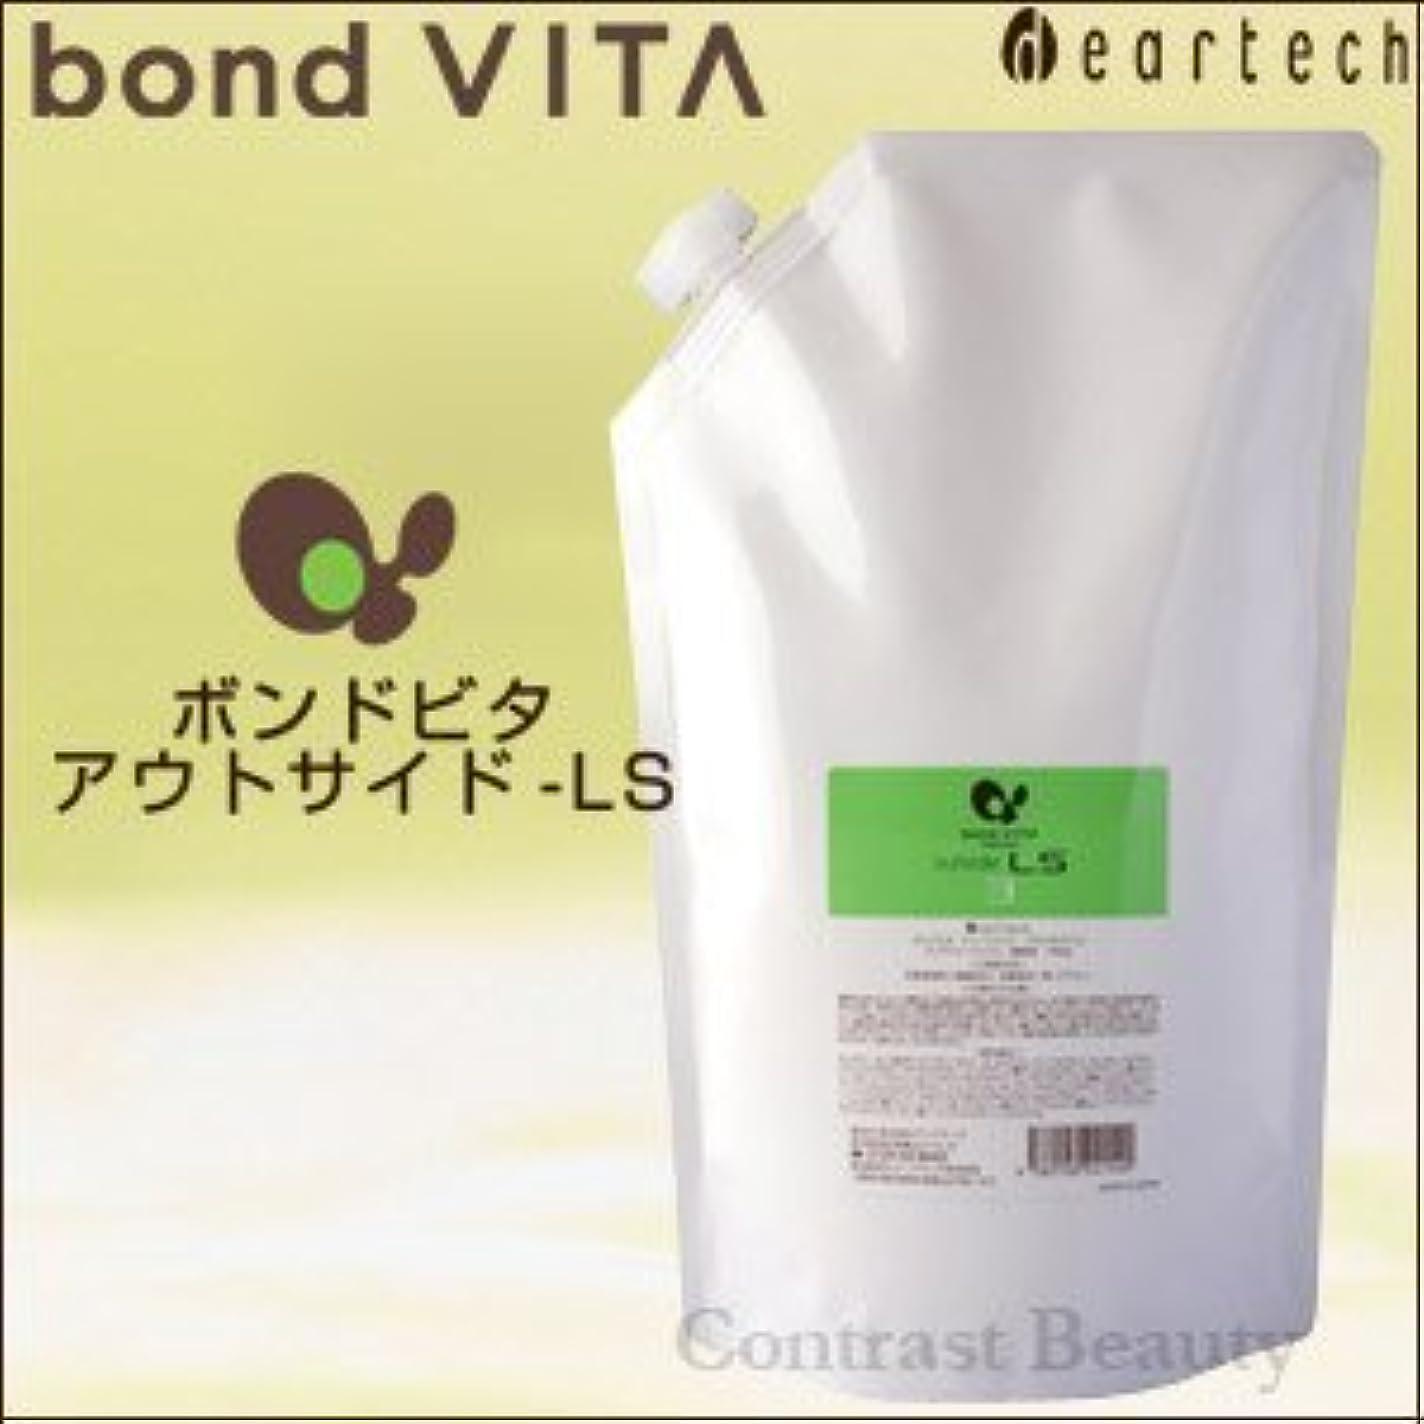 アーカイブパケットチョコレート【ディアテック】ボンドビタ アウトサイド-LS (レフィル) 1000ml